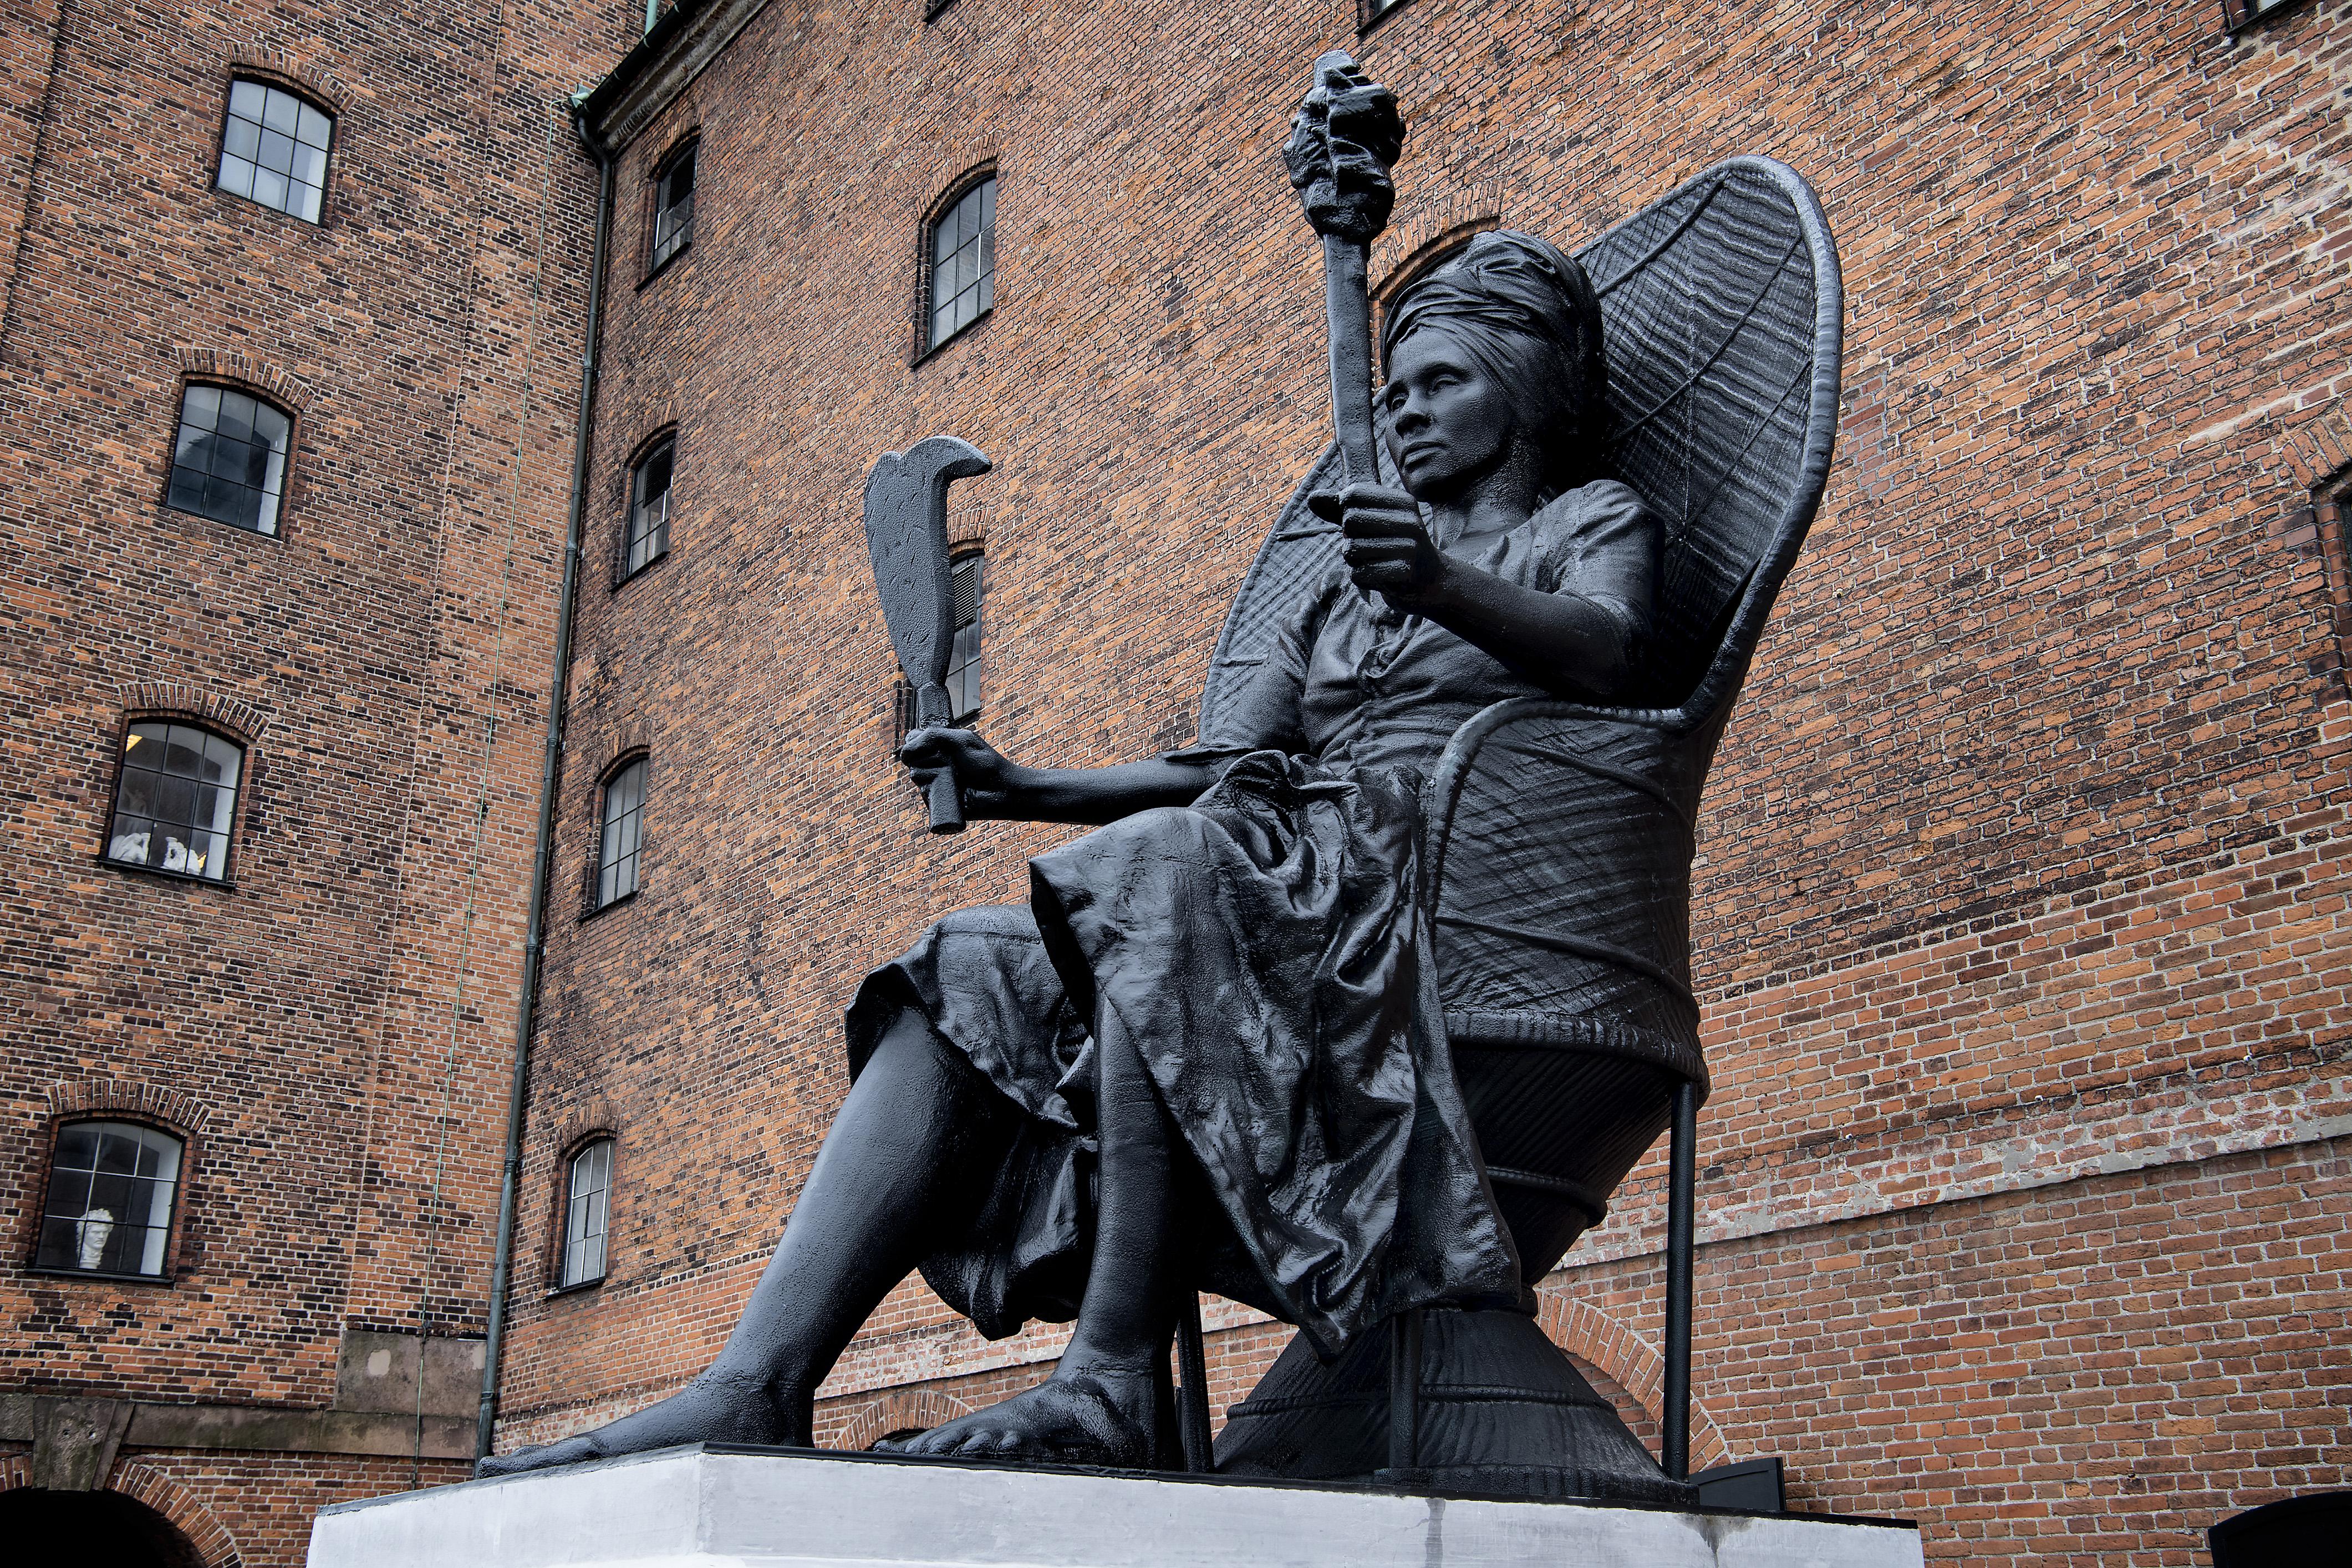 Dániában szobrot állítottak egy fekete nőnek